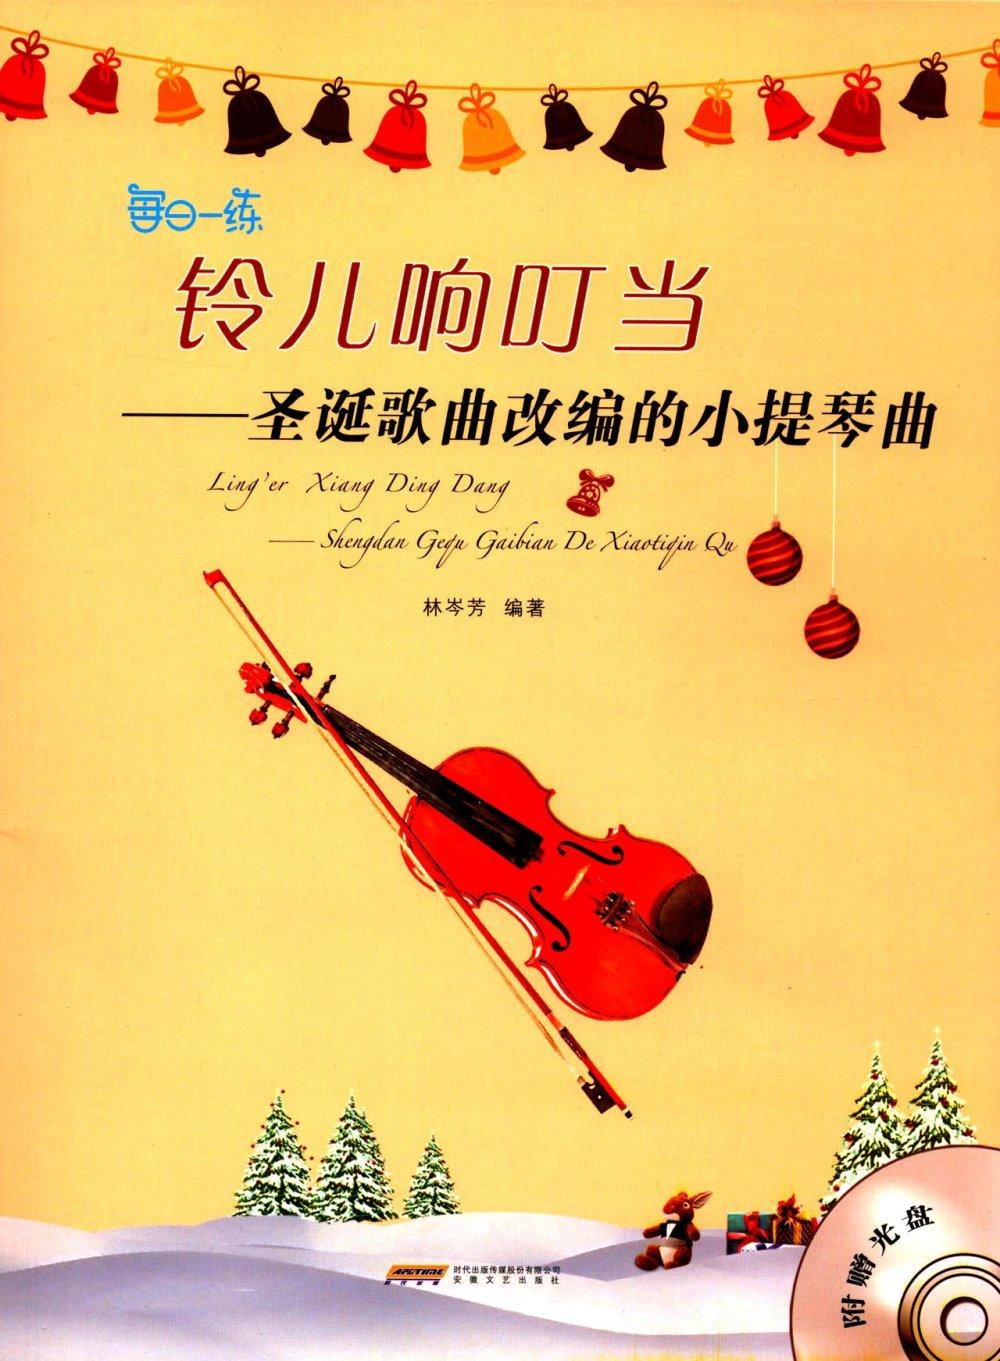 鈴兒響叮當~~聖誕歌曲改編的小提琴曲